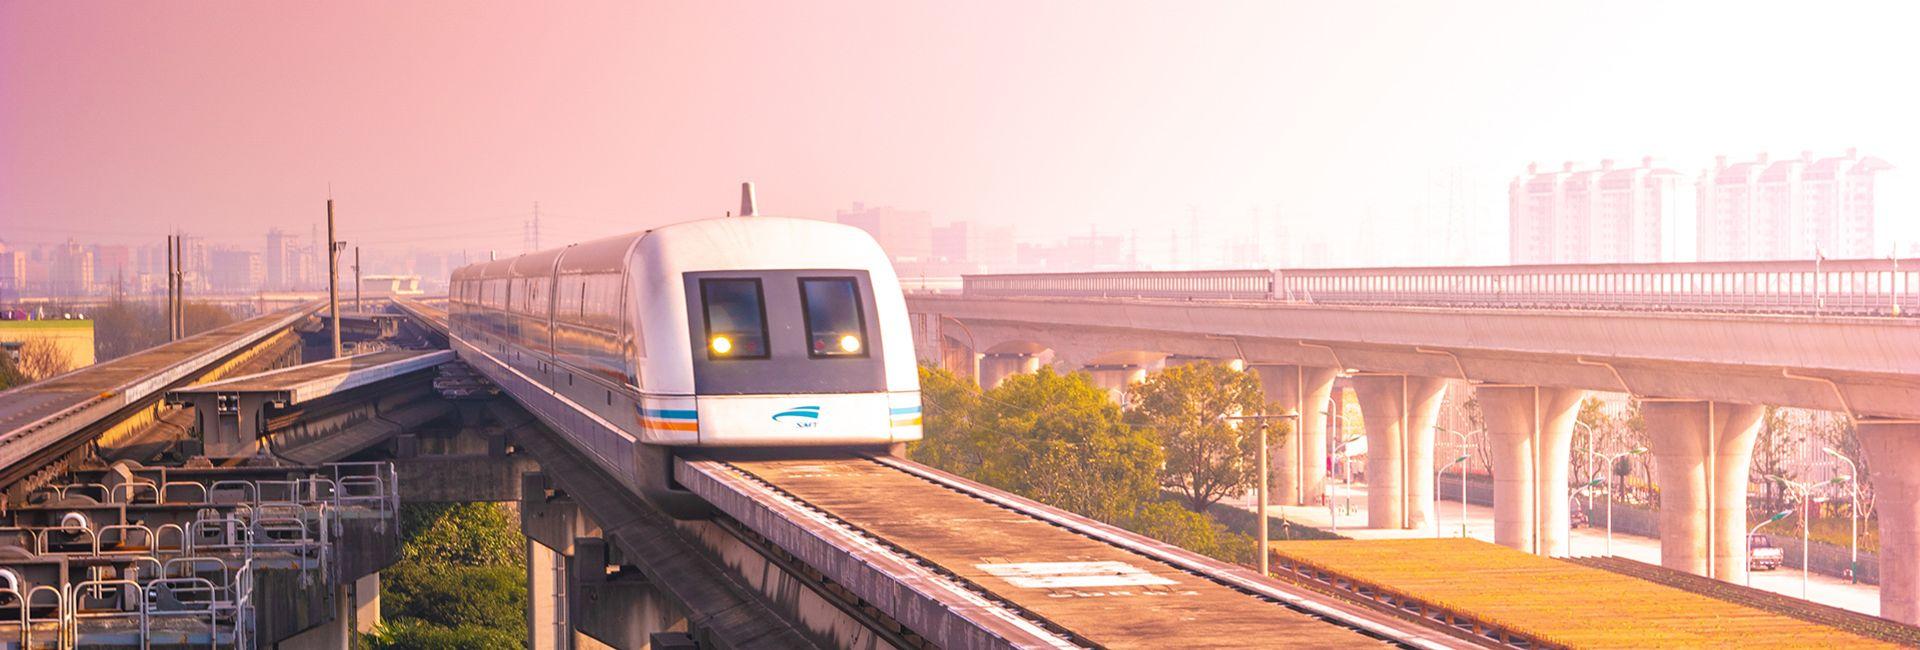 Tàu Maglev Thượng Hải - Chuyến tàu nhanh nhất thế giới